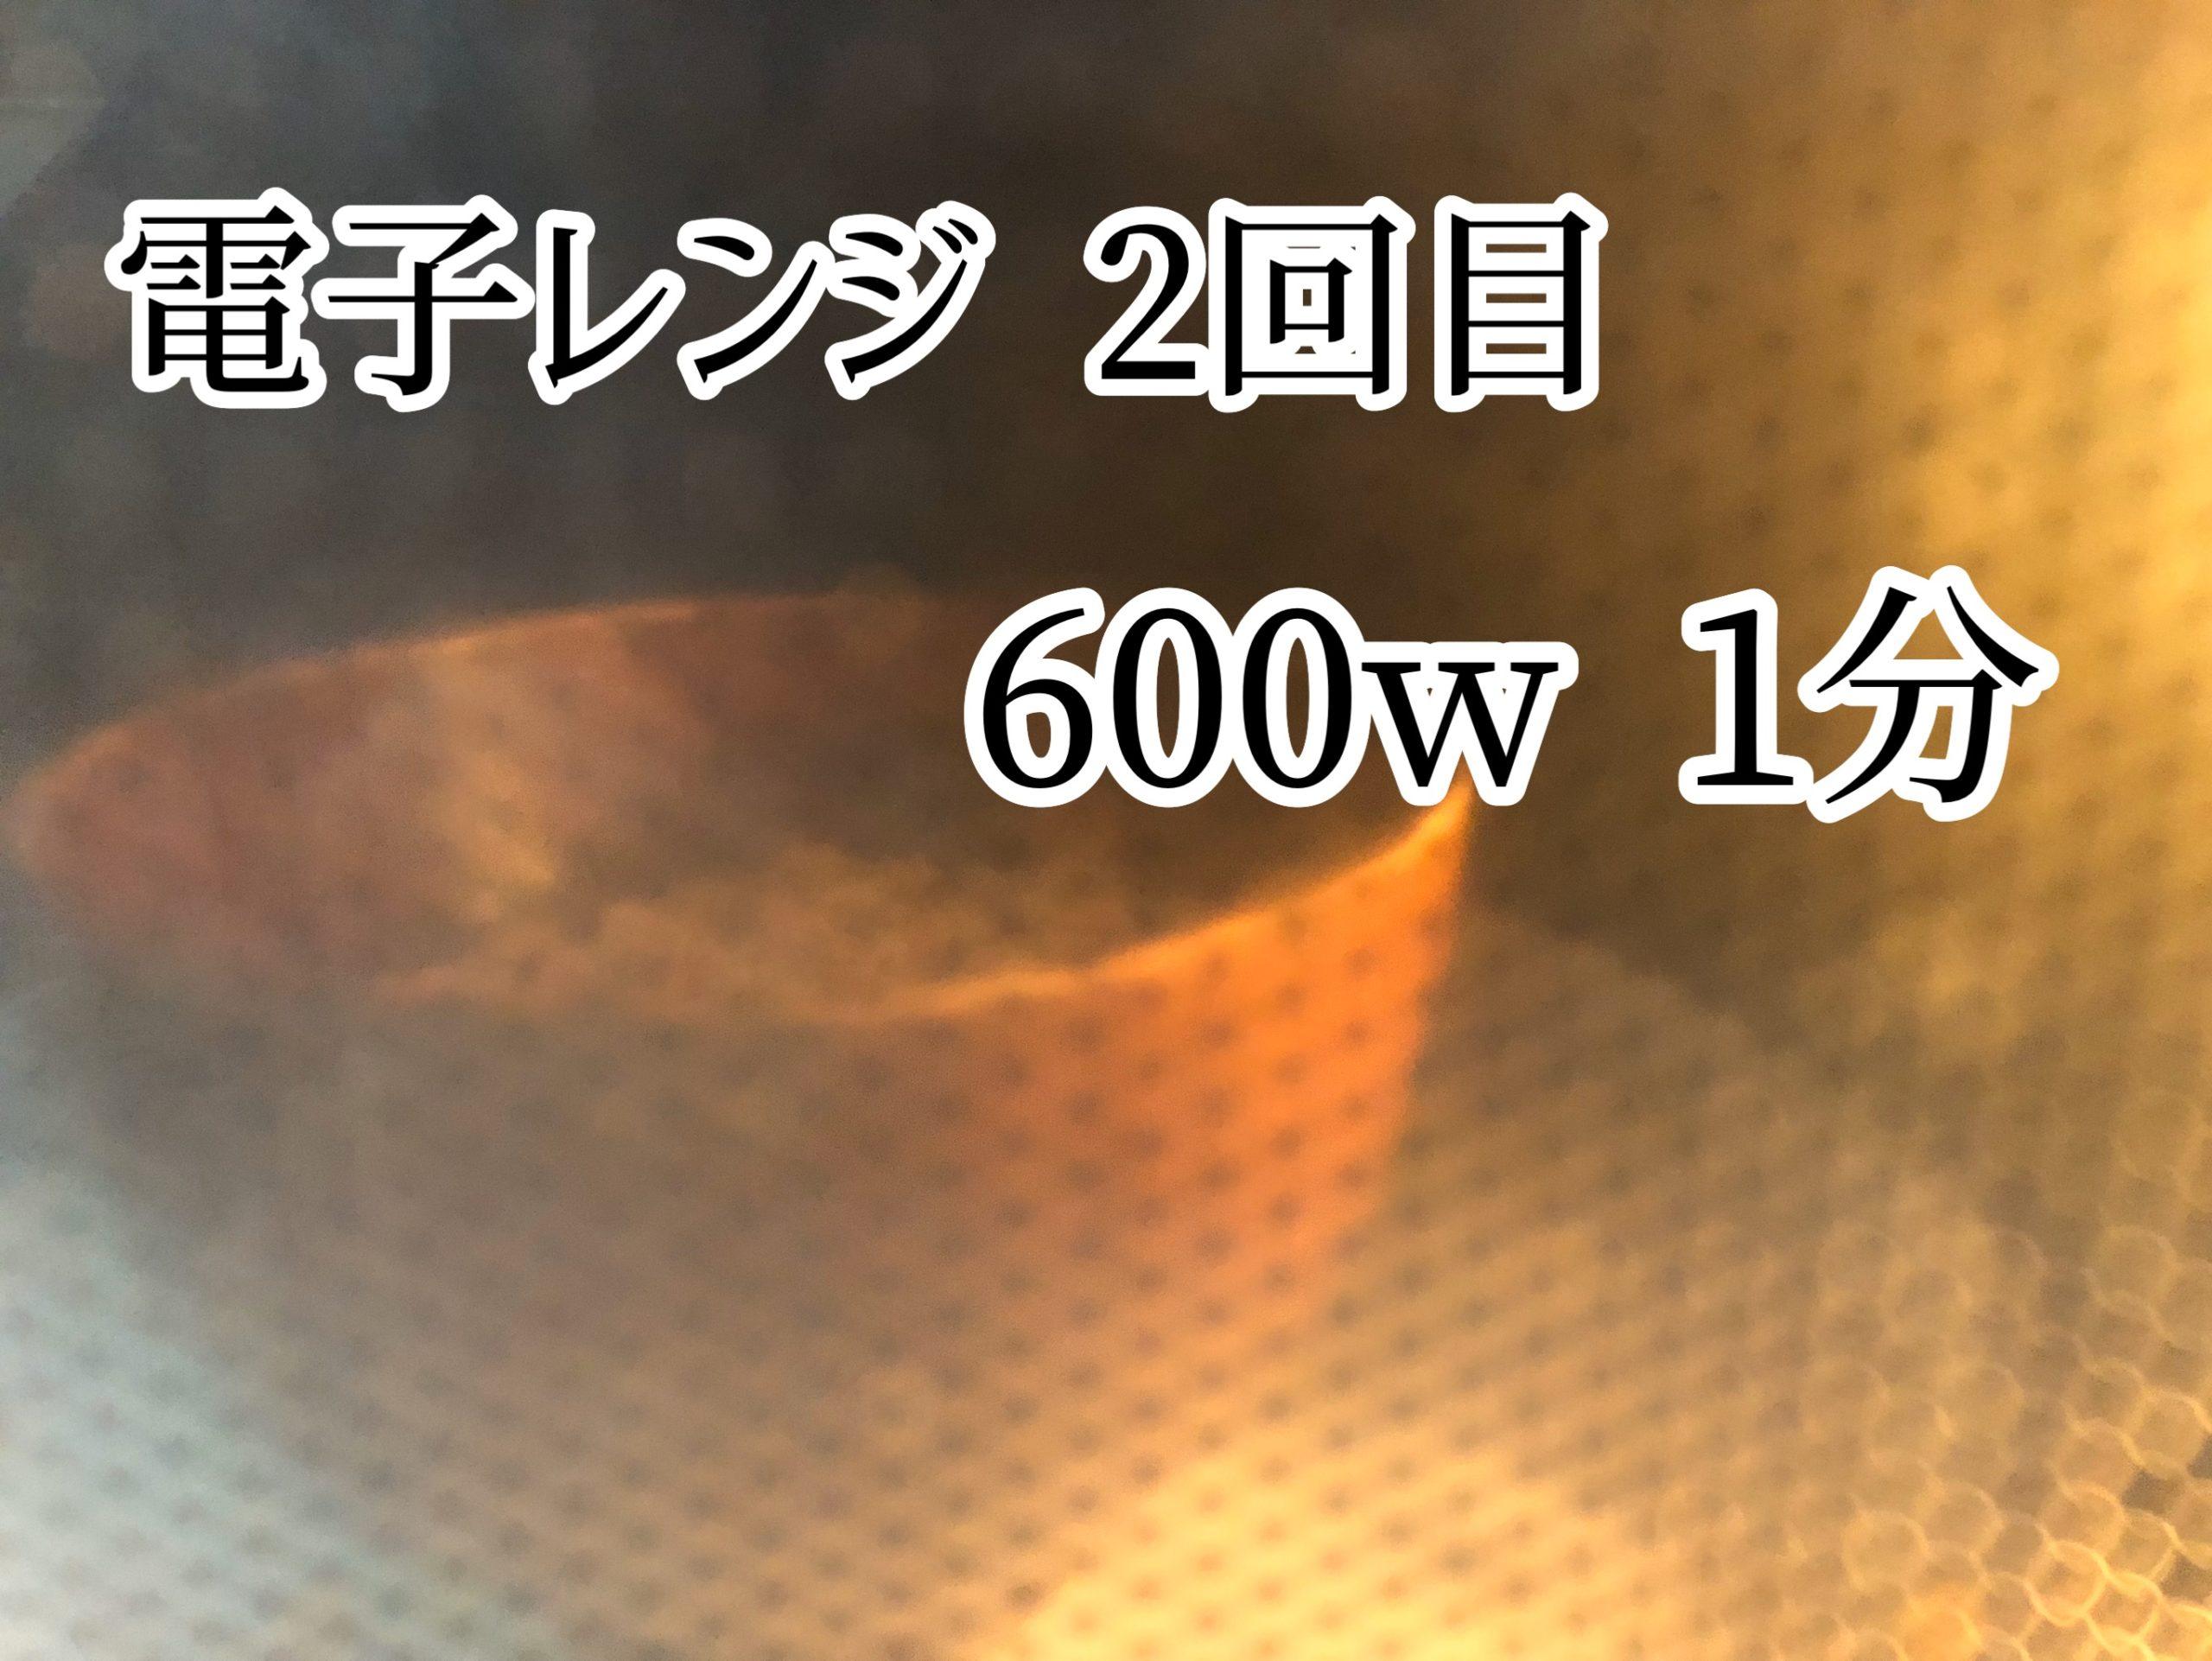 手順4:600w 1分を追加で加熱をする。取り出してまた練り混ぜれば餅風オートミールに。